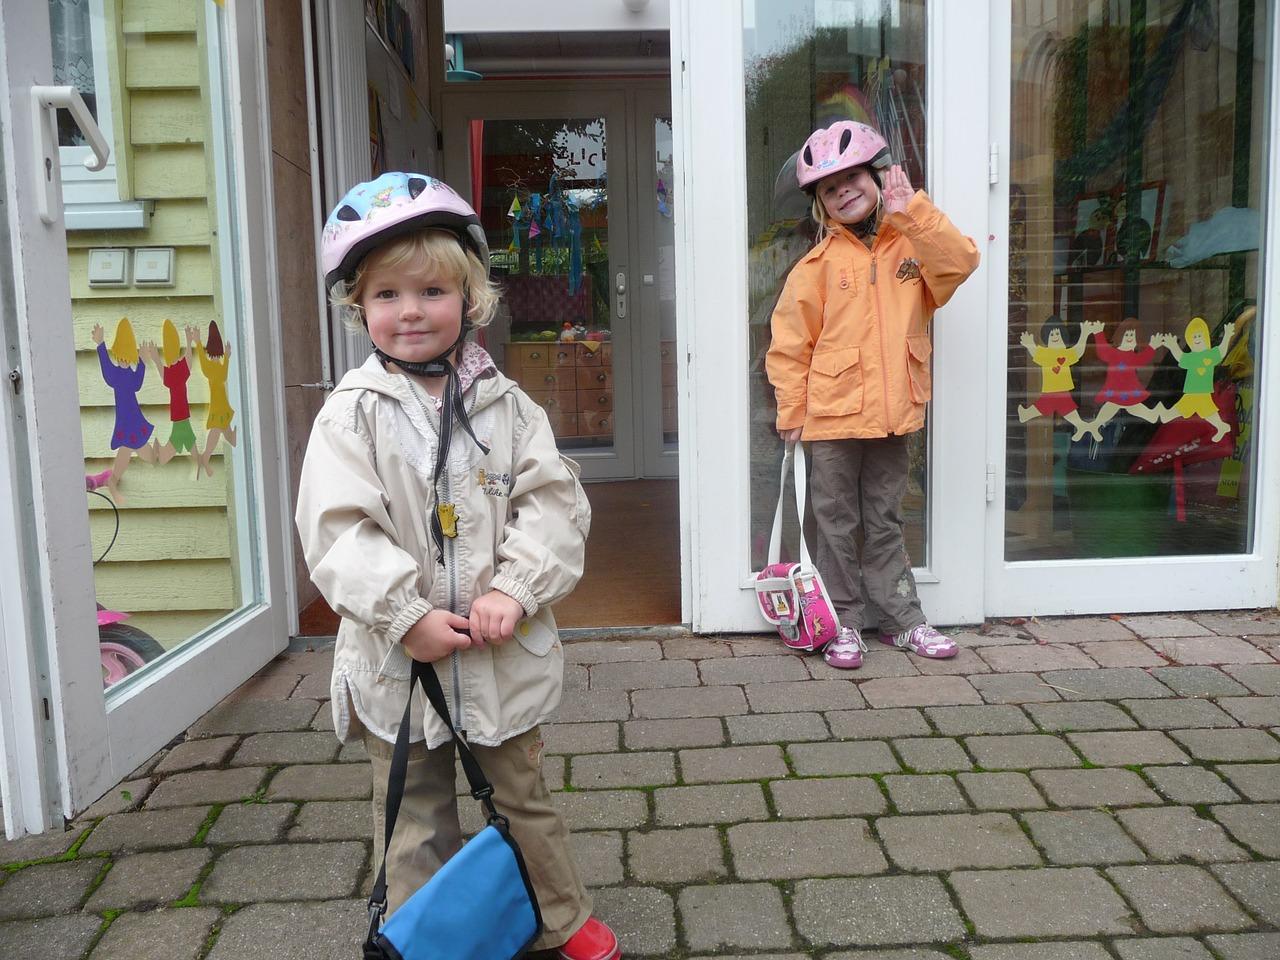 gyerekek a bolt elött